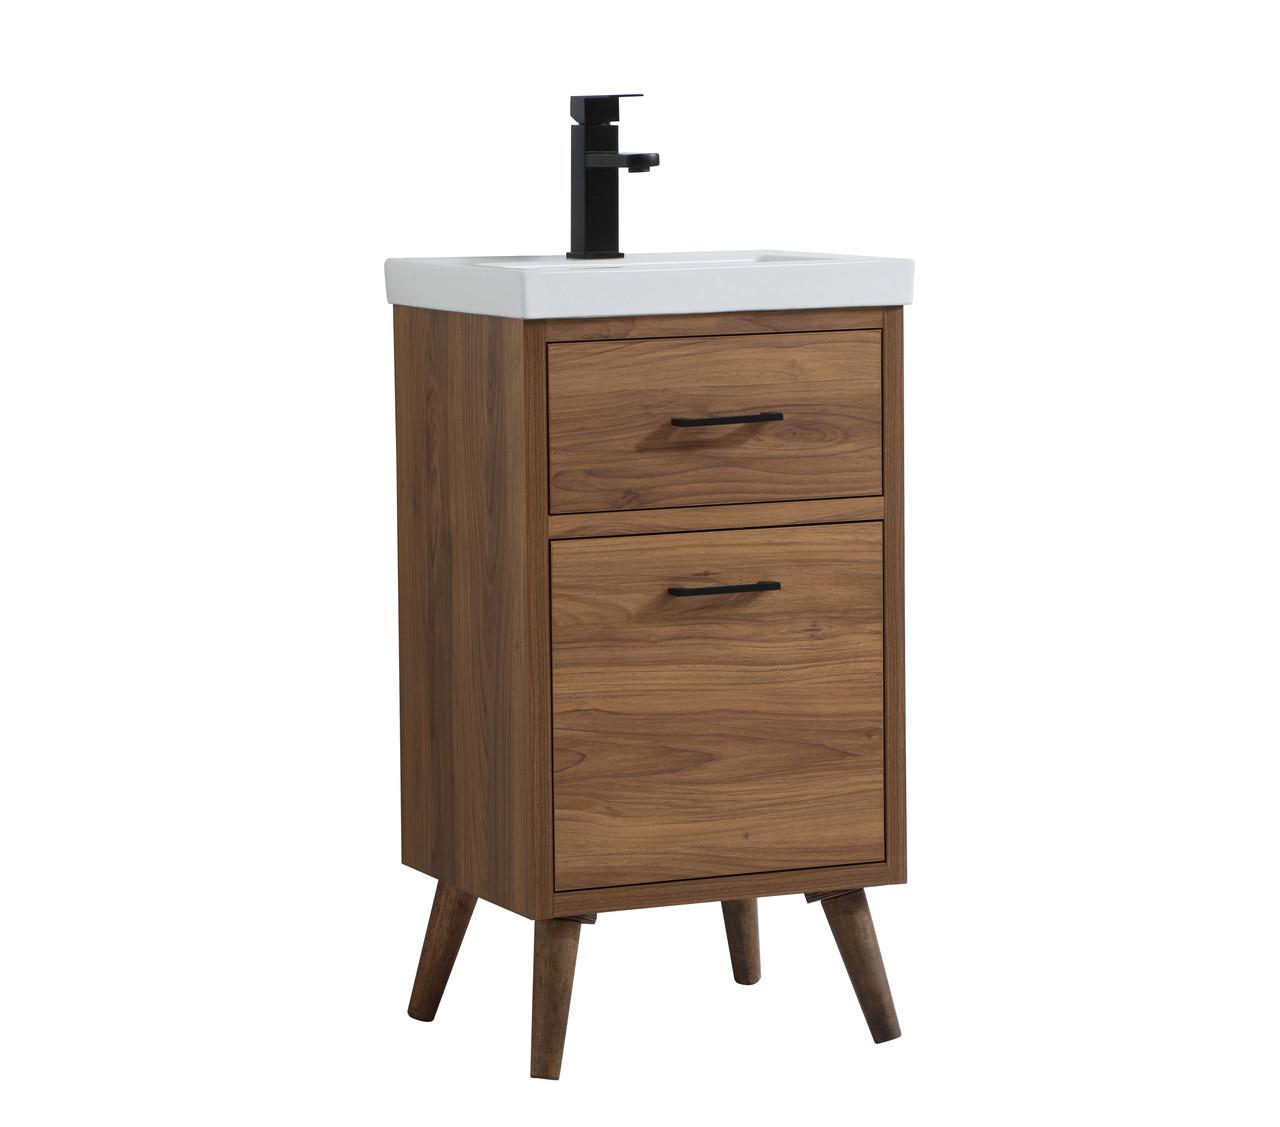 Elegant Decor Vf41018wb Boise 18 Inch Bathroom Vanity In Walnut Brown